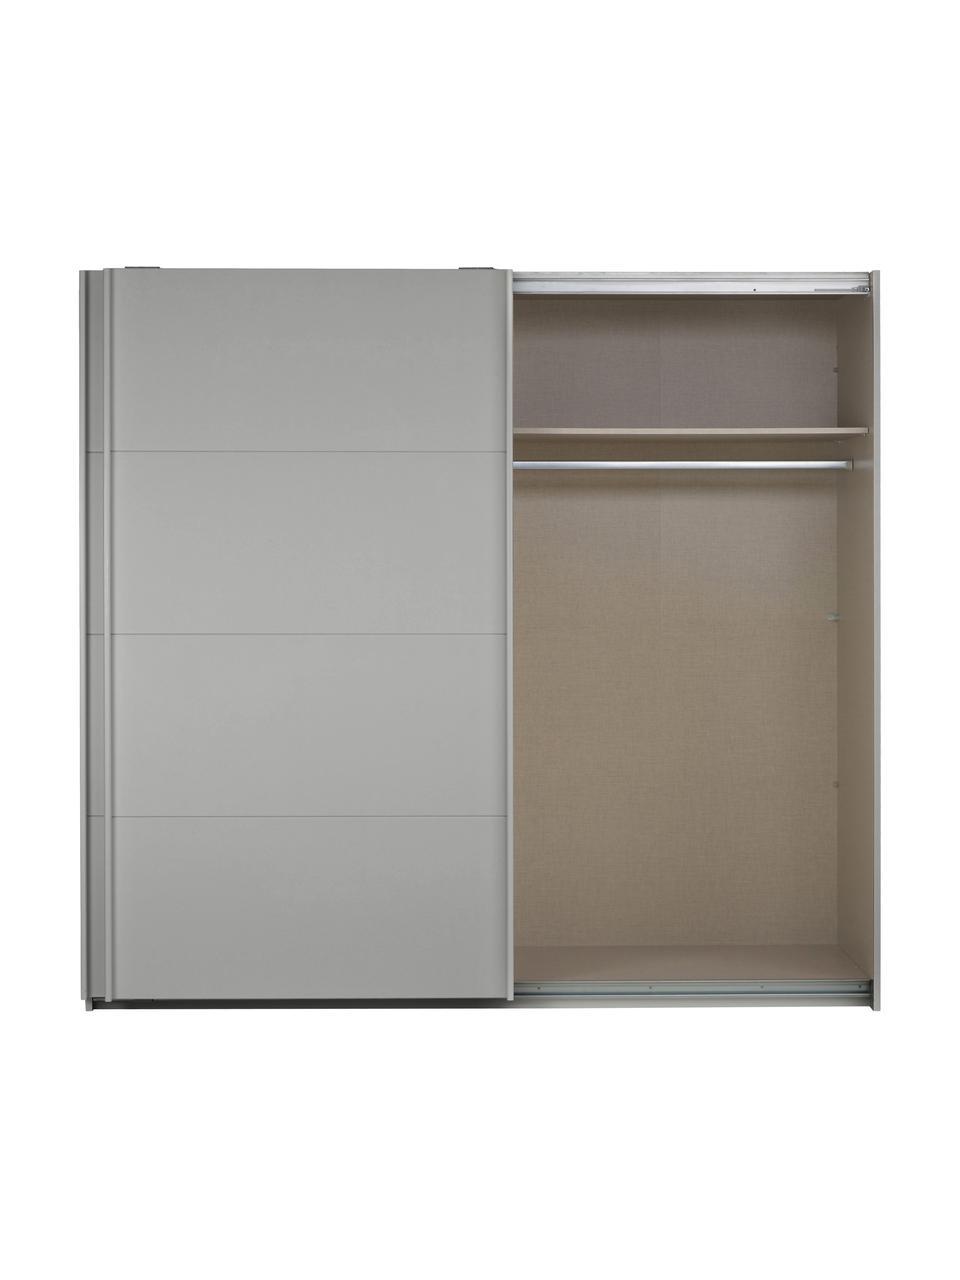 Kleiderschrank Mia mit 2 Schiebetüren in Grau, Holzwerkstoff, beschichtet, Grau, 225 x 210 cm